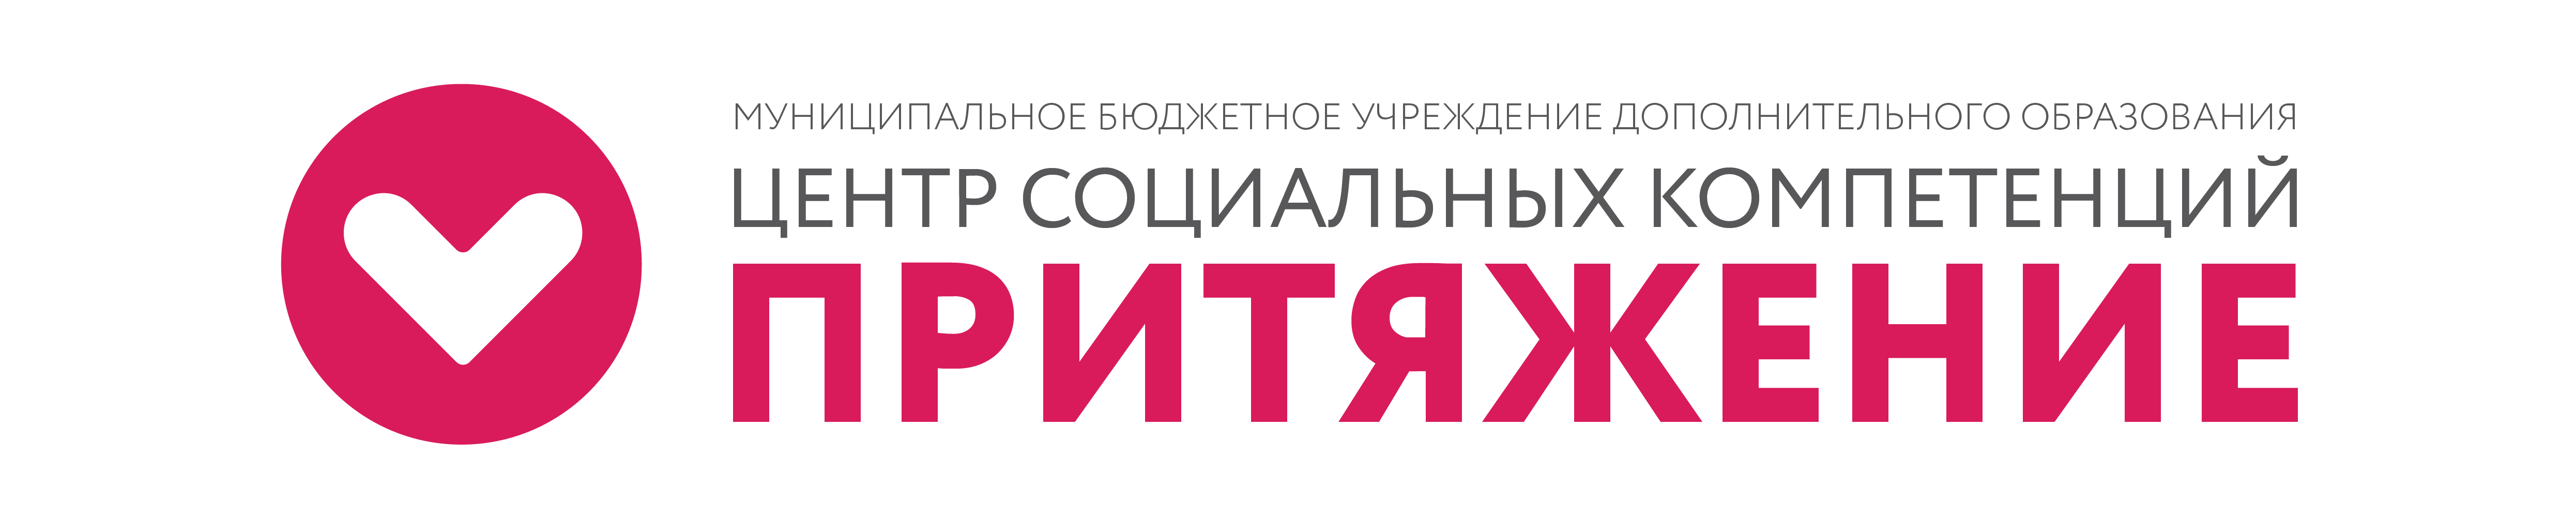 """Центр социальных компетенций """"Притяжение"""""""